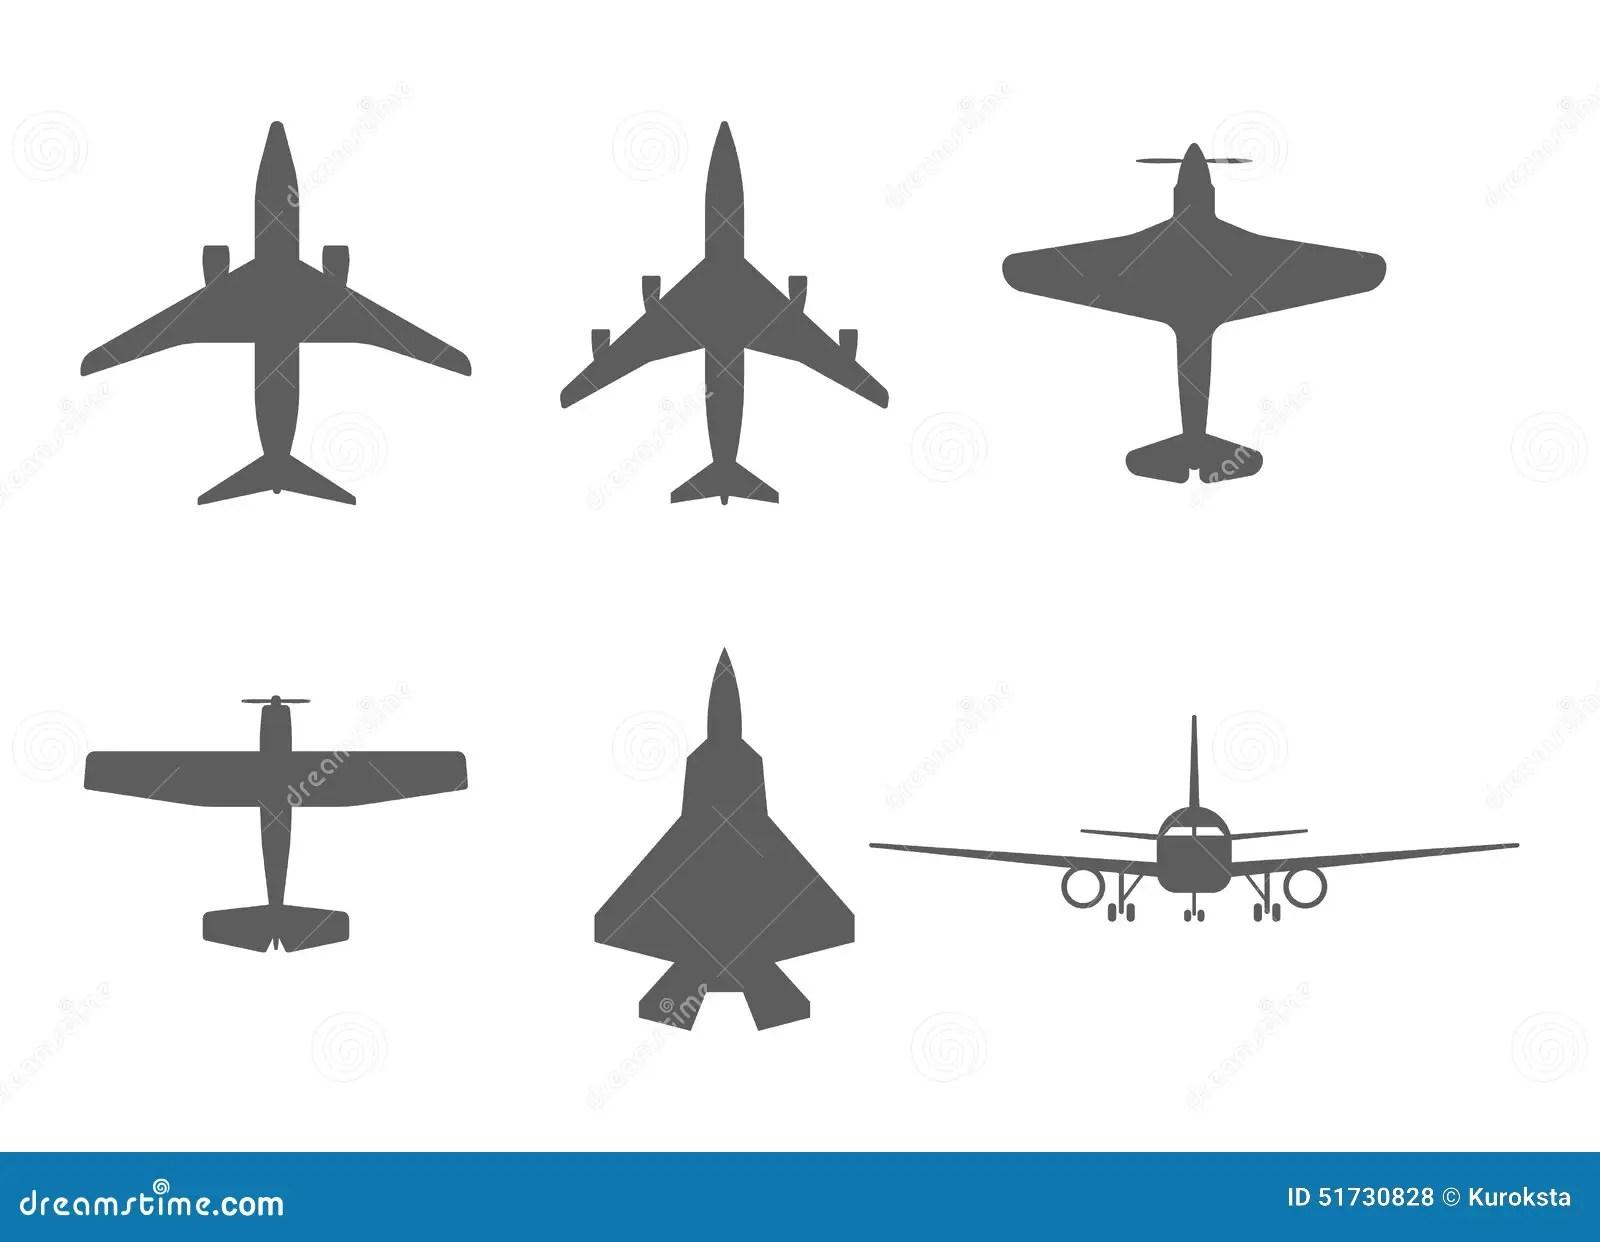 Iconos Del Aeroplano Avion De Pasajeros Avion De Combate